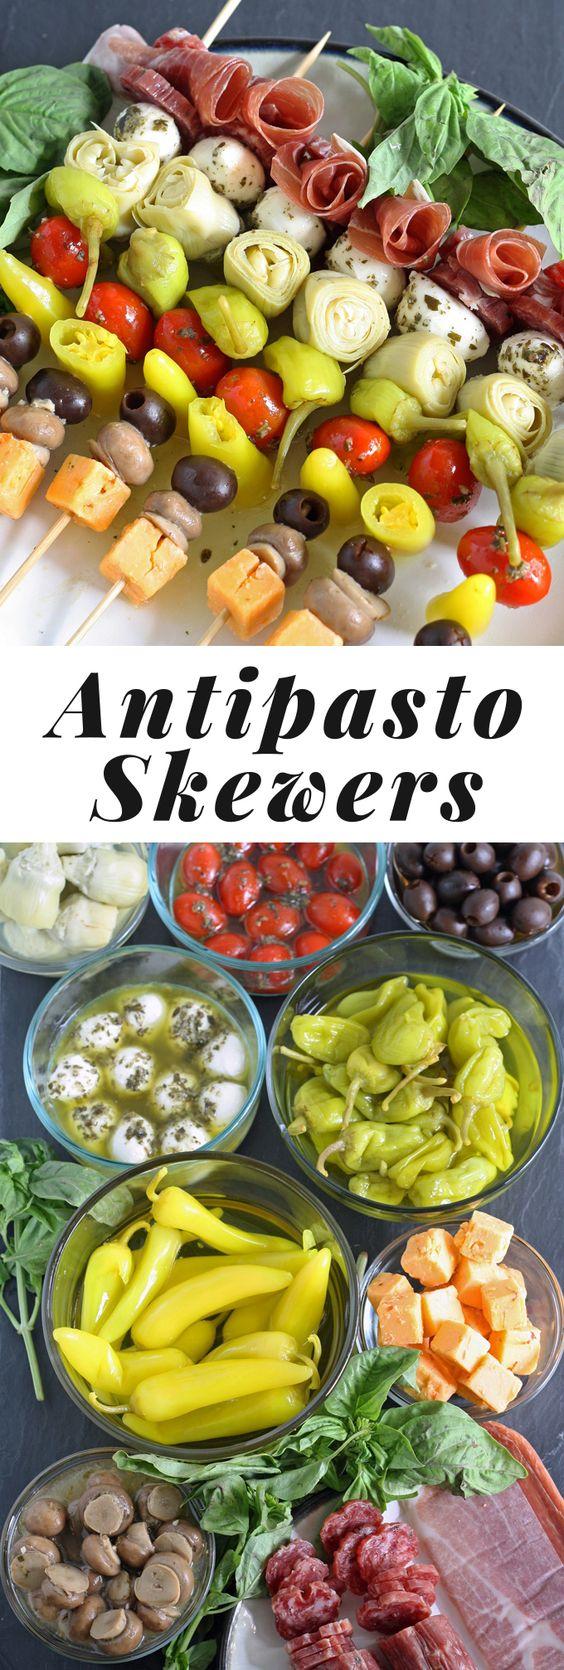 Antipasto skewers, Antipasto and Skewers on Pinterest